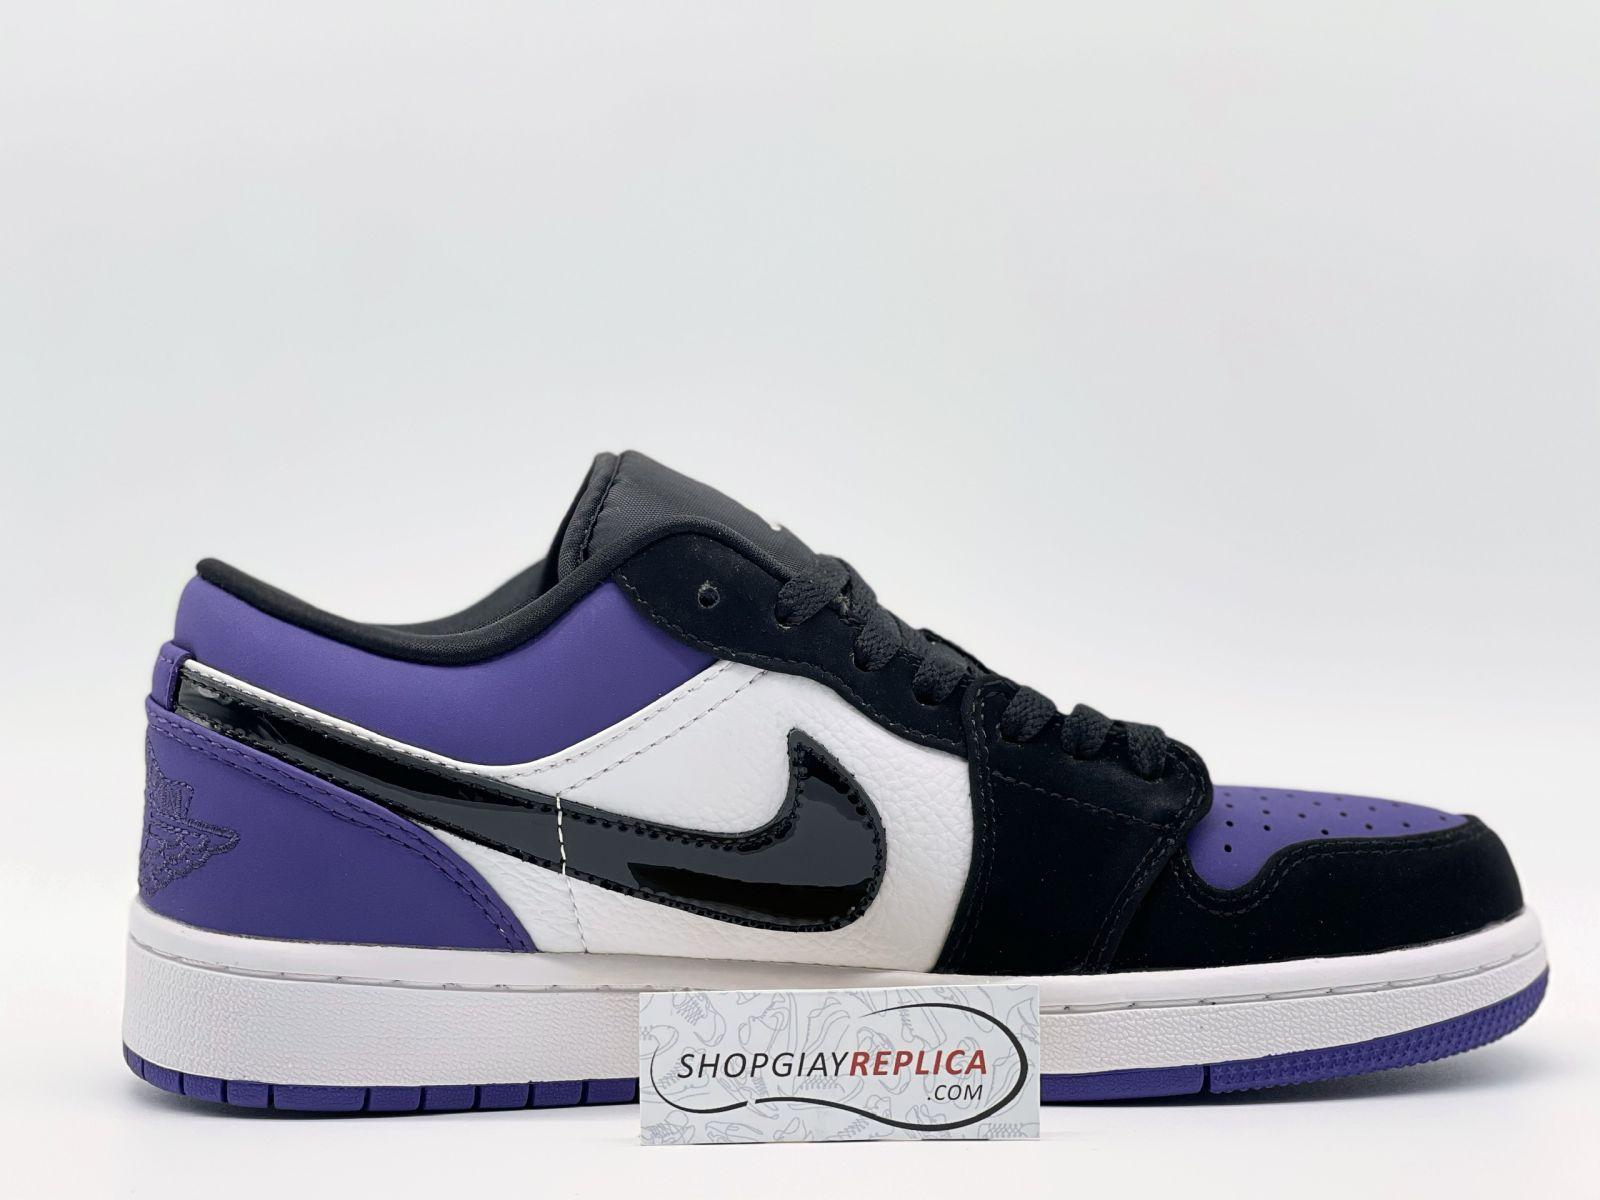 Nike Jordan 1 Low Court Purple